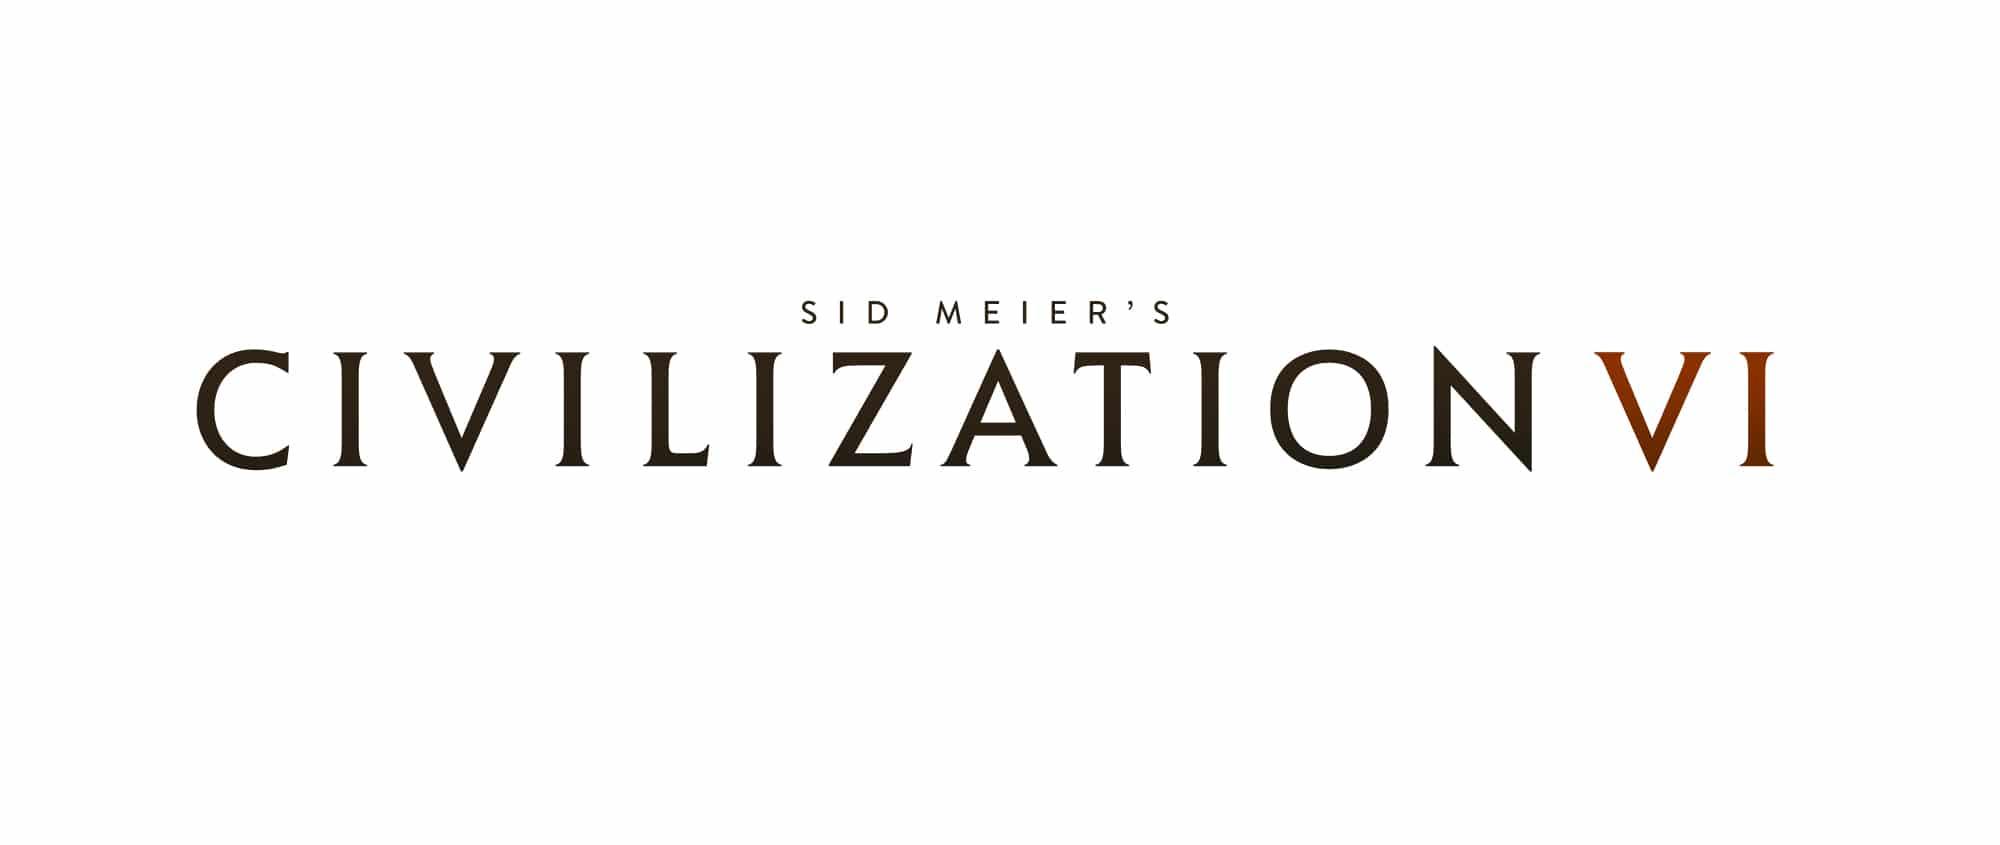 Bild von 2K kündigt Sid Meier's Civilization VI an